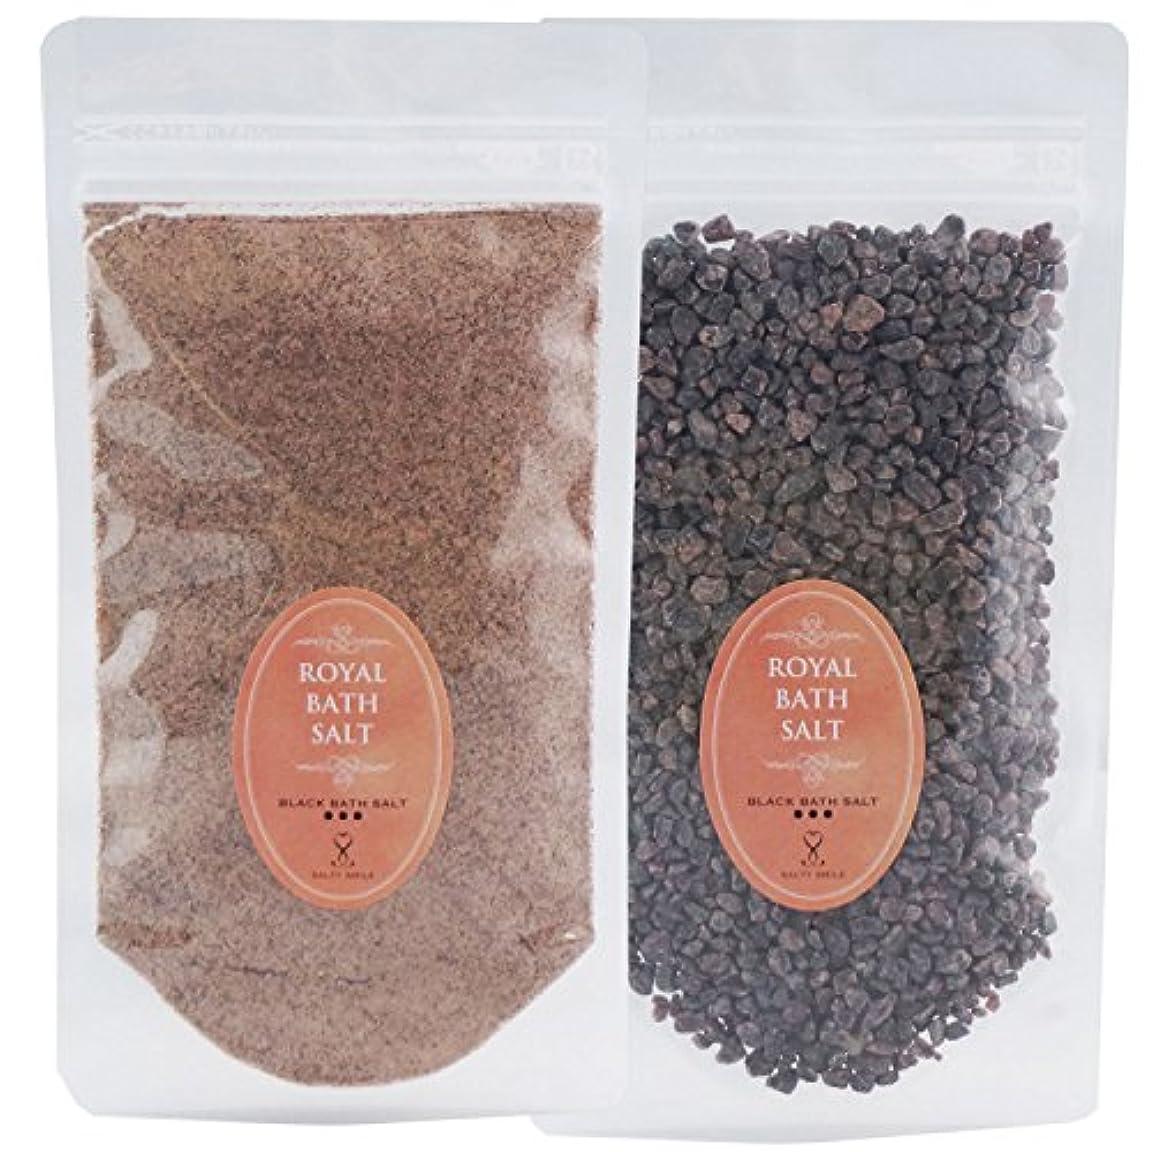 福祉スラム人種ロイヤル バスソルト ヒマラヤ岩塩 ブラック パウダー グレイン 各200g 粗粒 粉 ROYAL BATH SALT